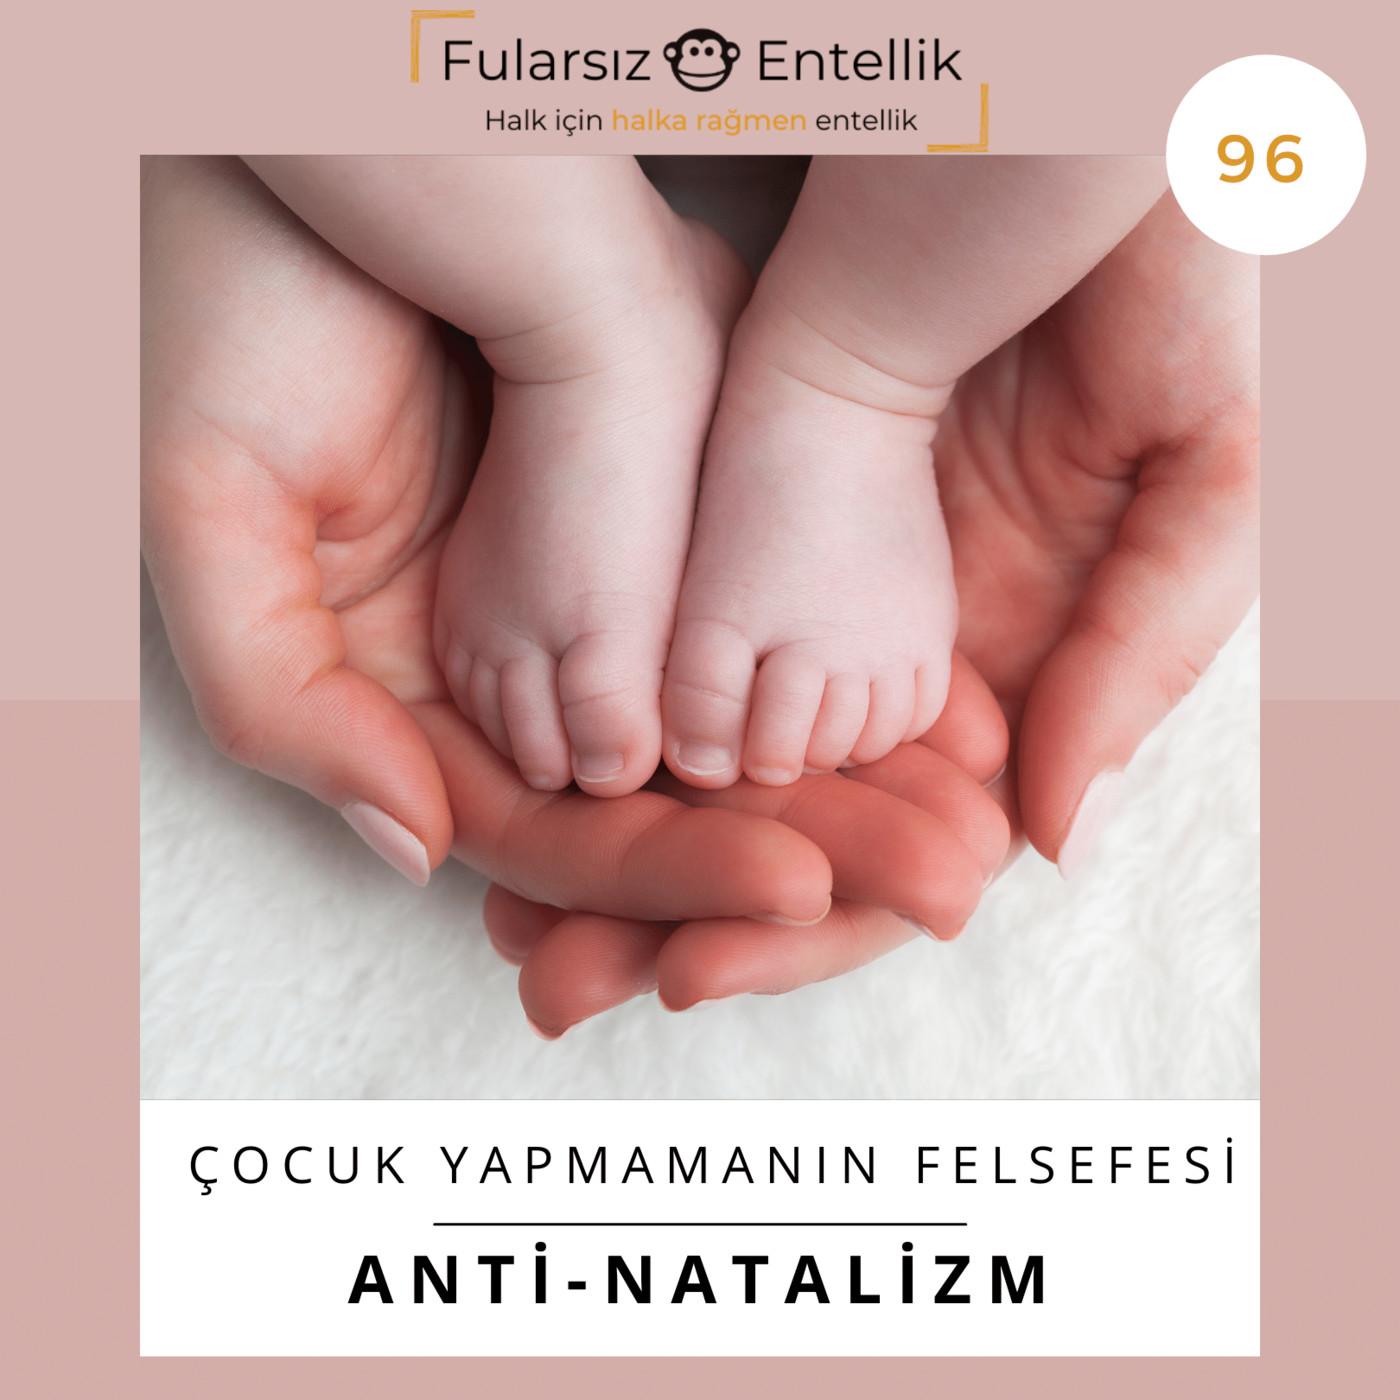 Anti-Natalizm: Çocuk Yapmamanın Felsefesi